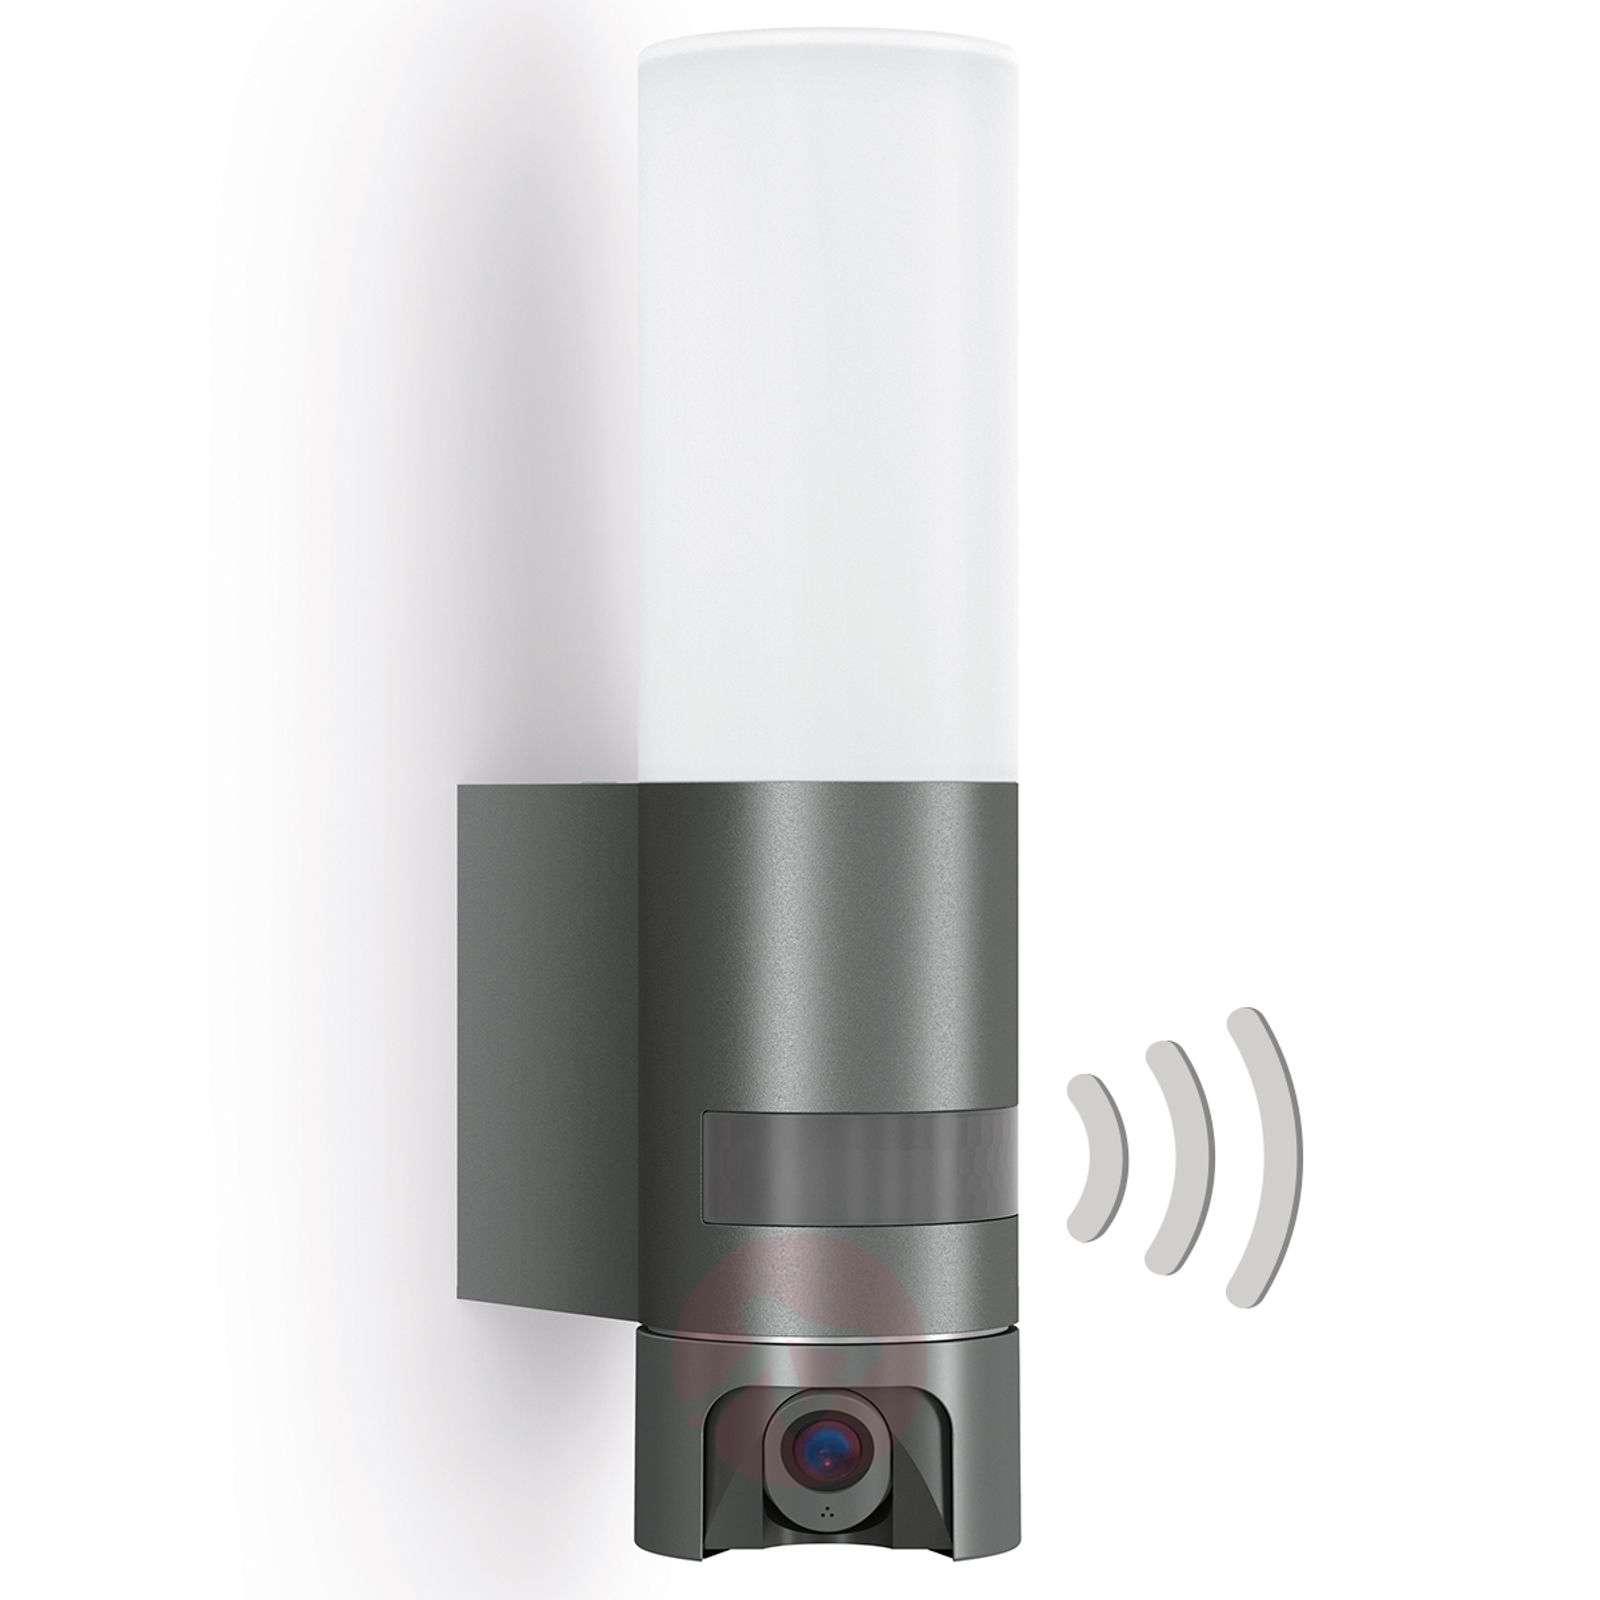 Intelligent sensor LED wall light L 600 Cam-8505730-01